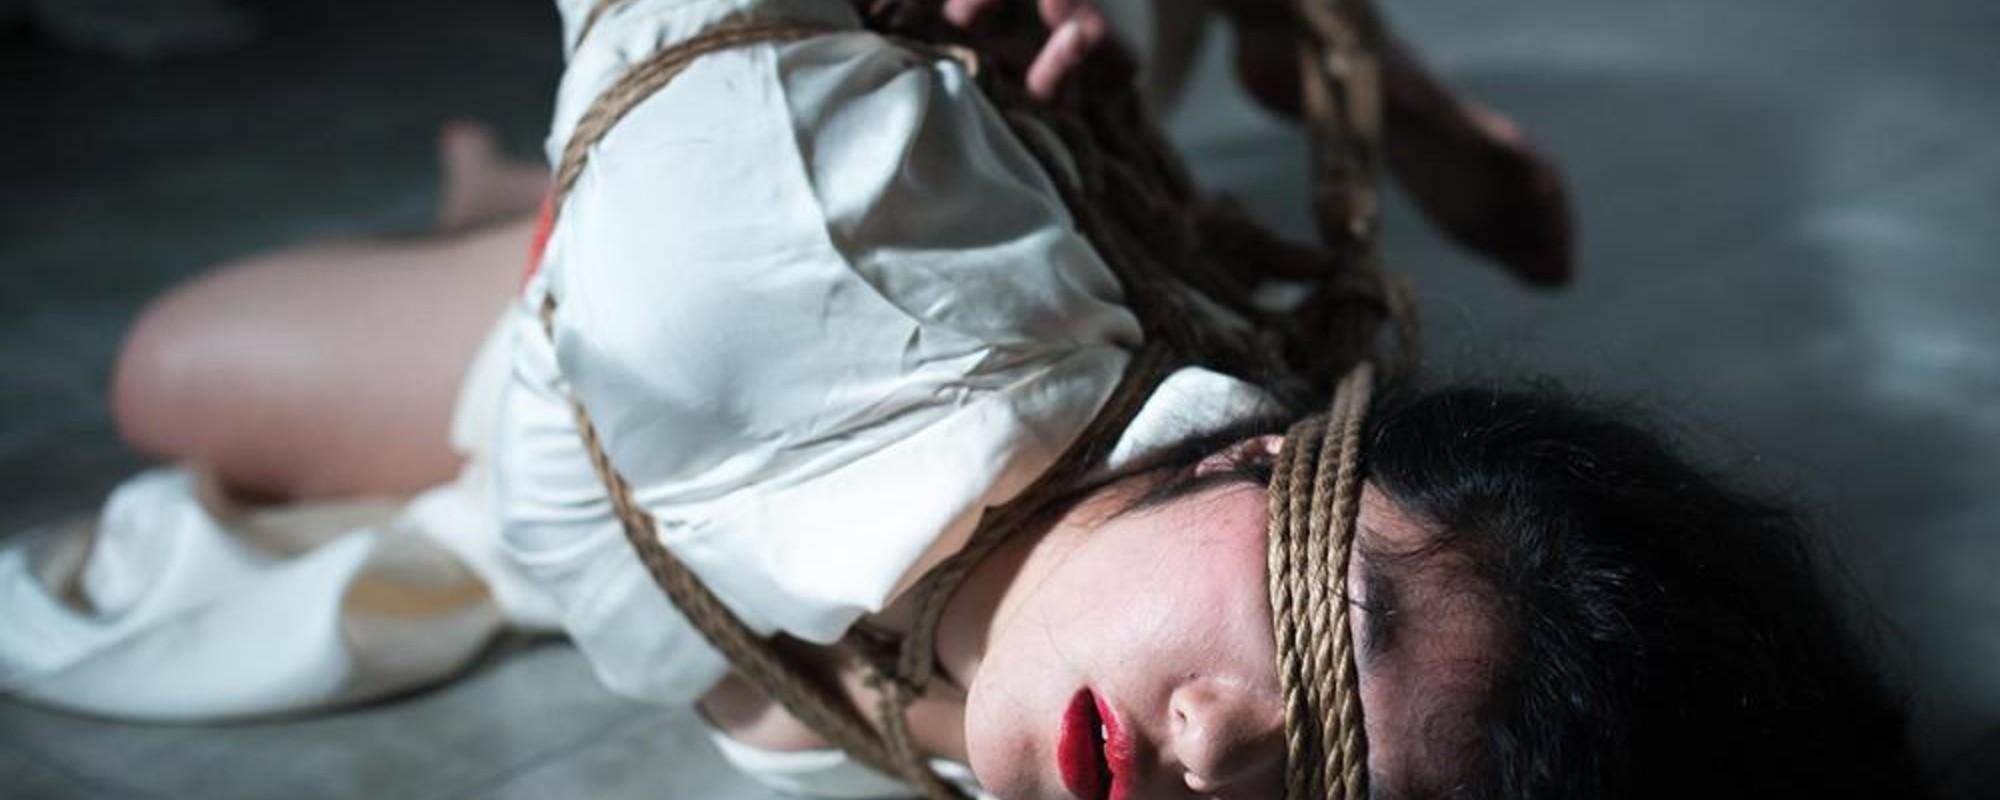 Femeia asta încearcă să rupă scena de BDSM din Japonia